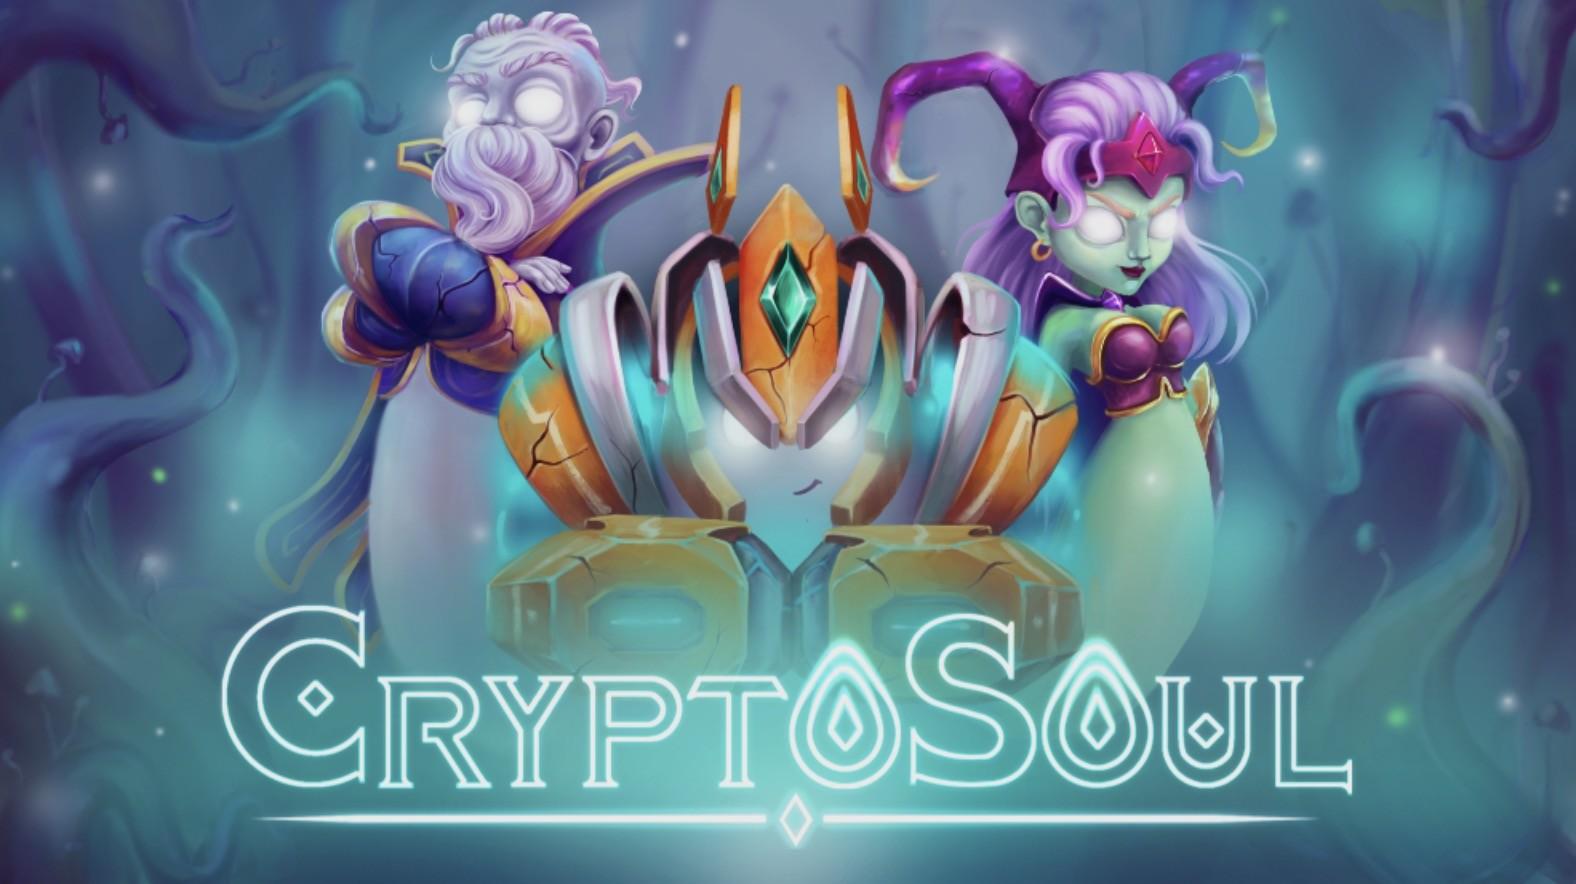 ЦриптоСоул - децентрализована платформа игра